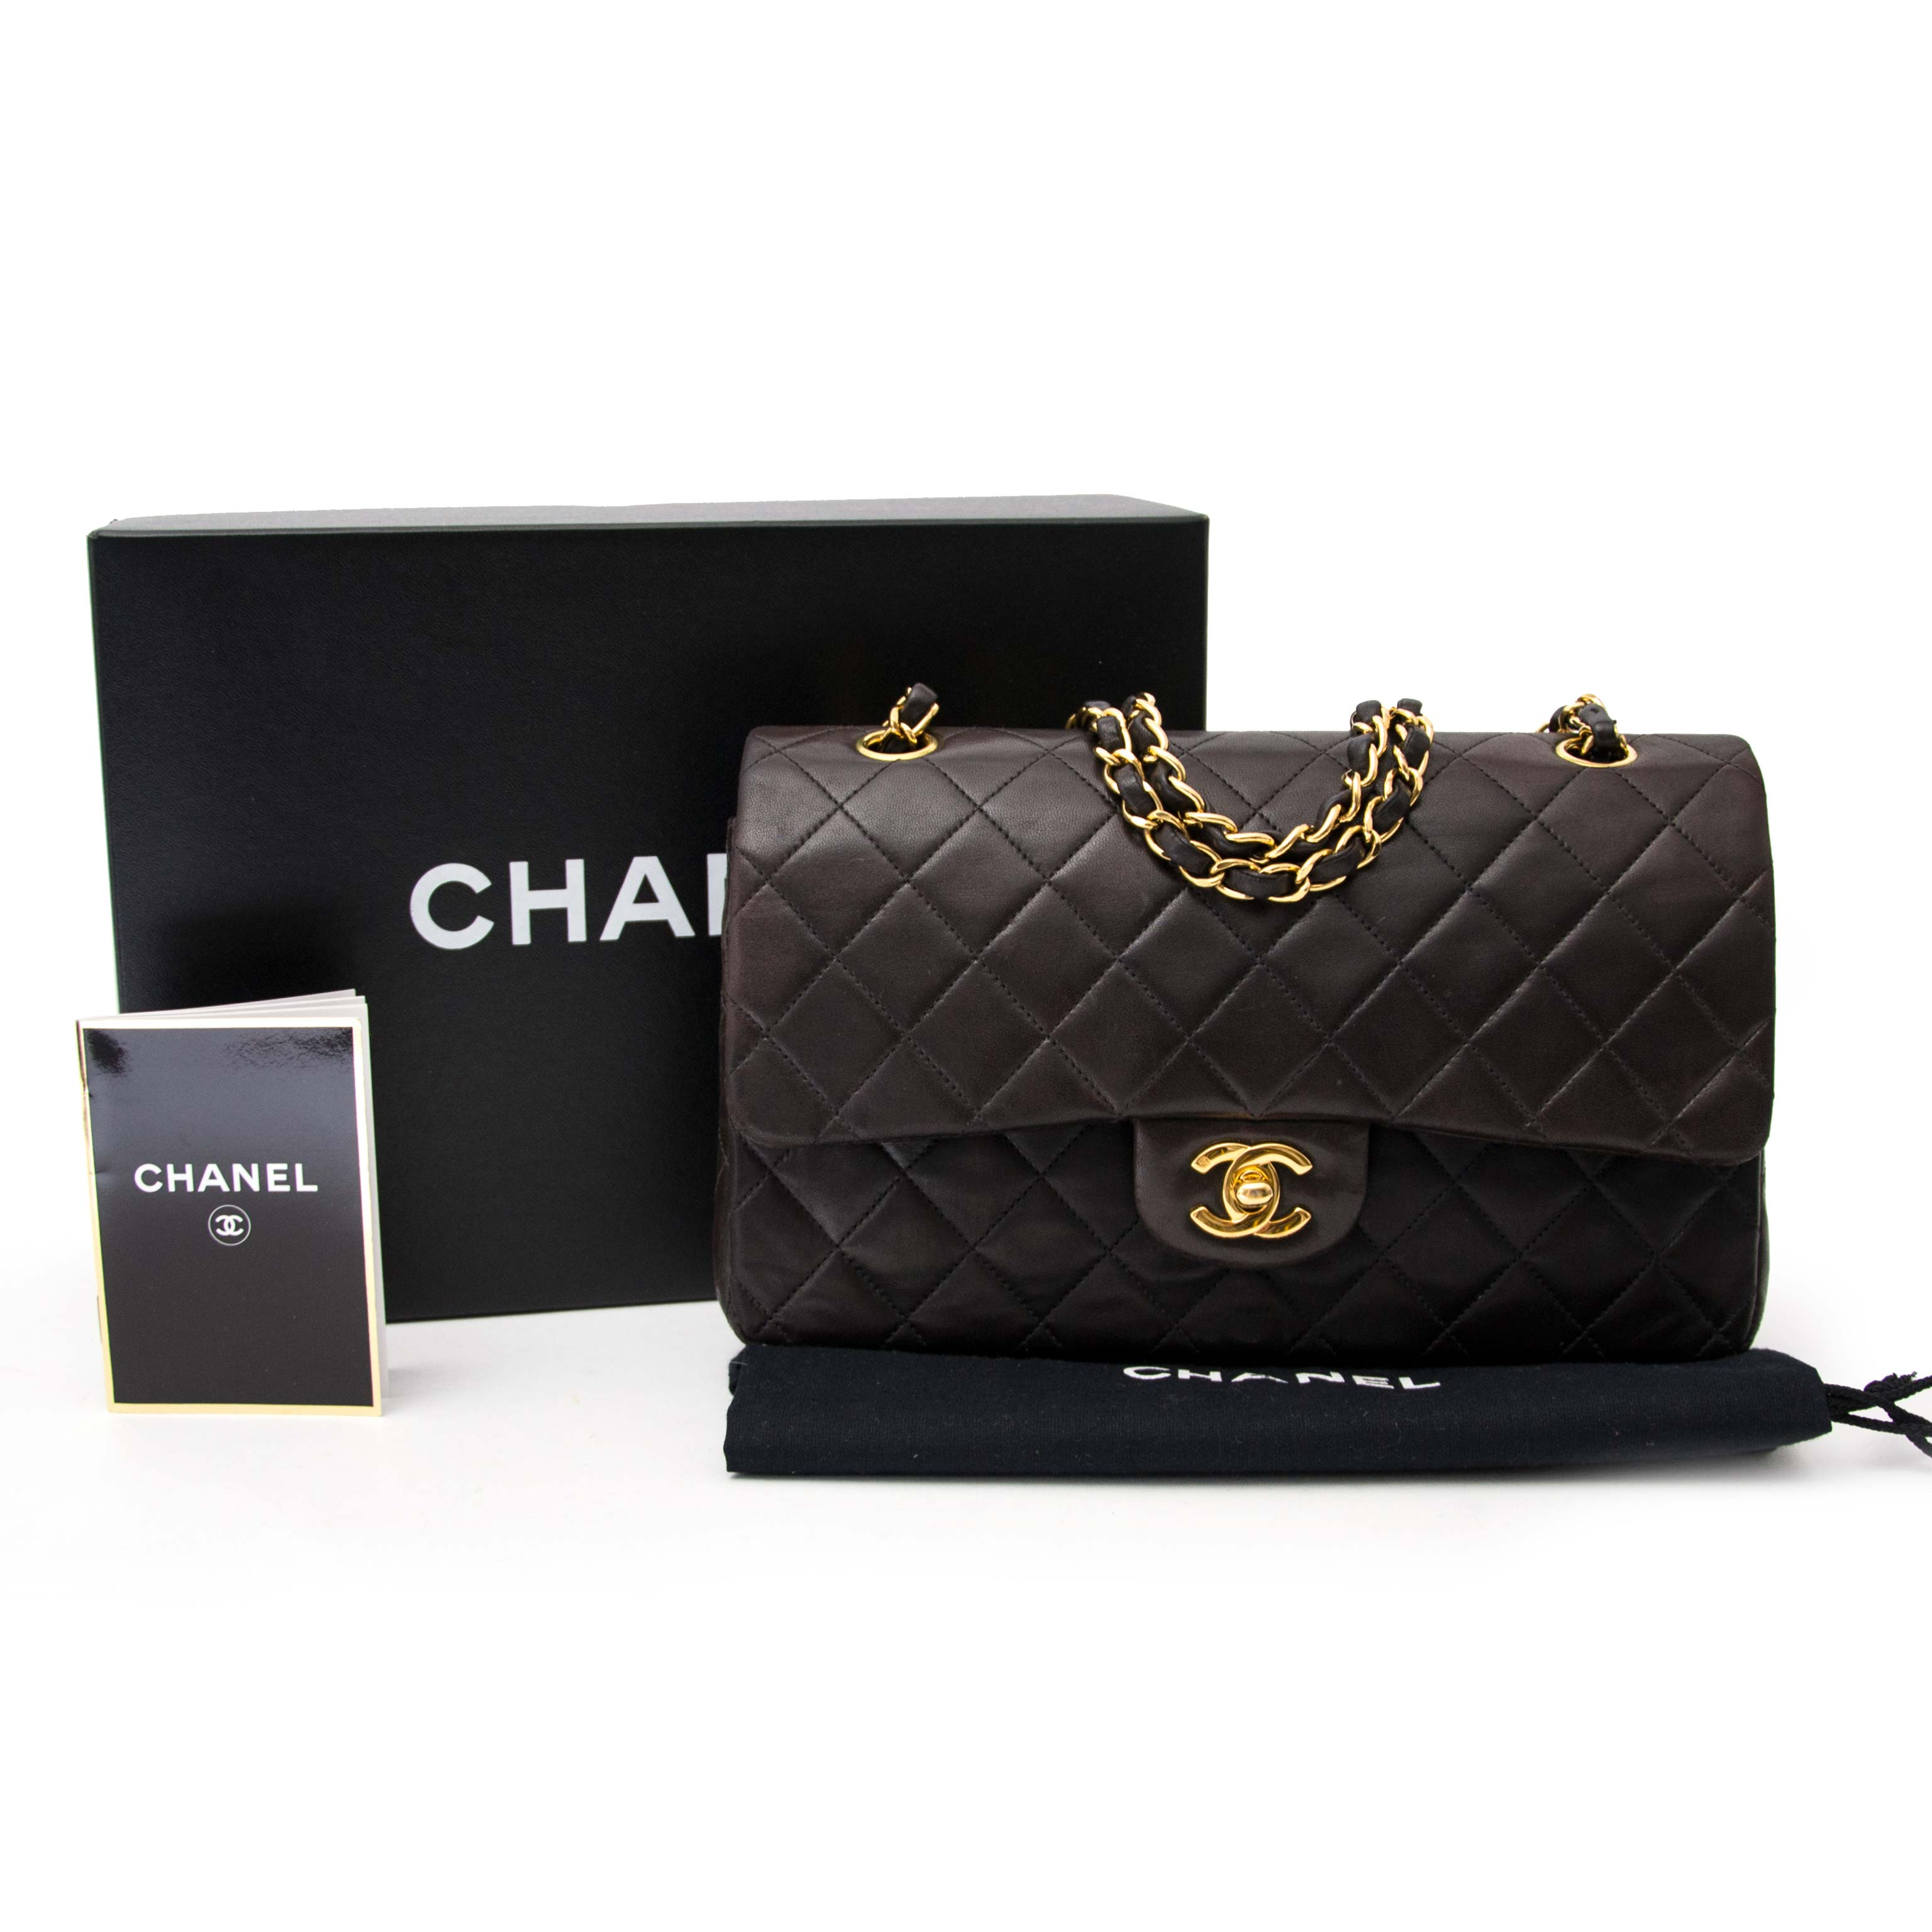 acheter en ligne chez labellov.com pour le meilleur prix chanel brown madium classic flap bag